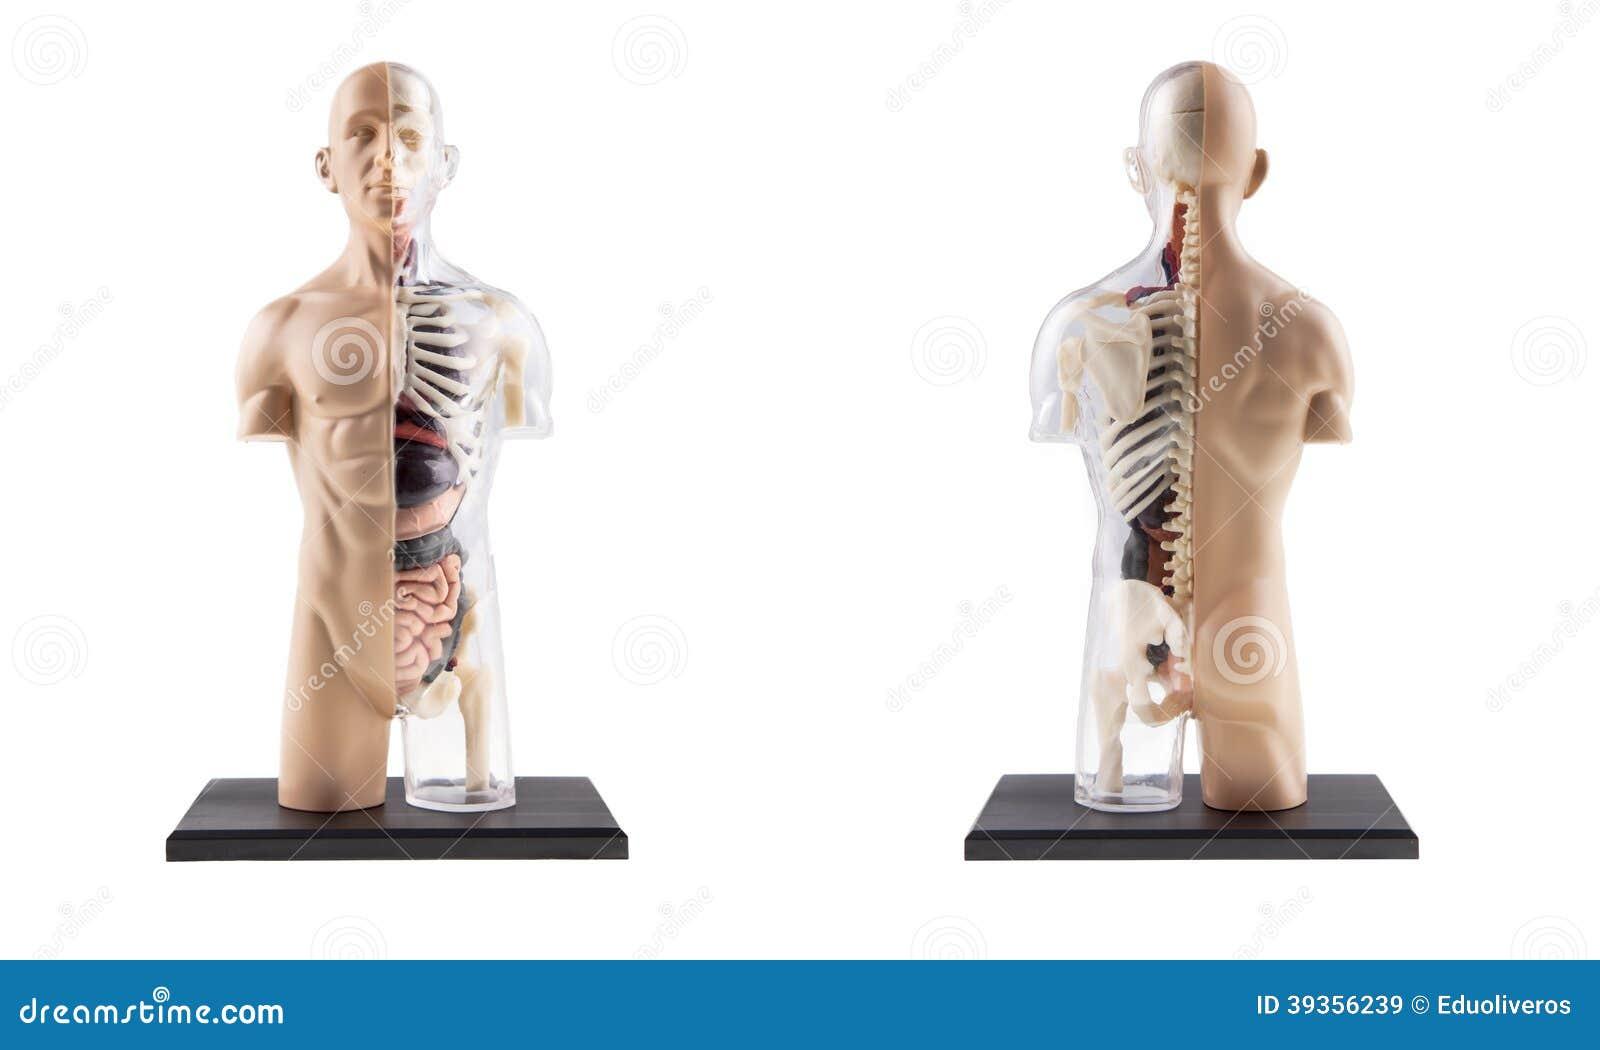 Zahl Querschnitt Des Menschlichen Körpers Stockbild - Bild von niere ...